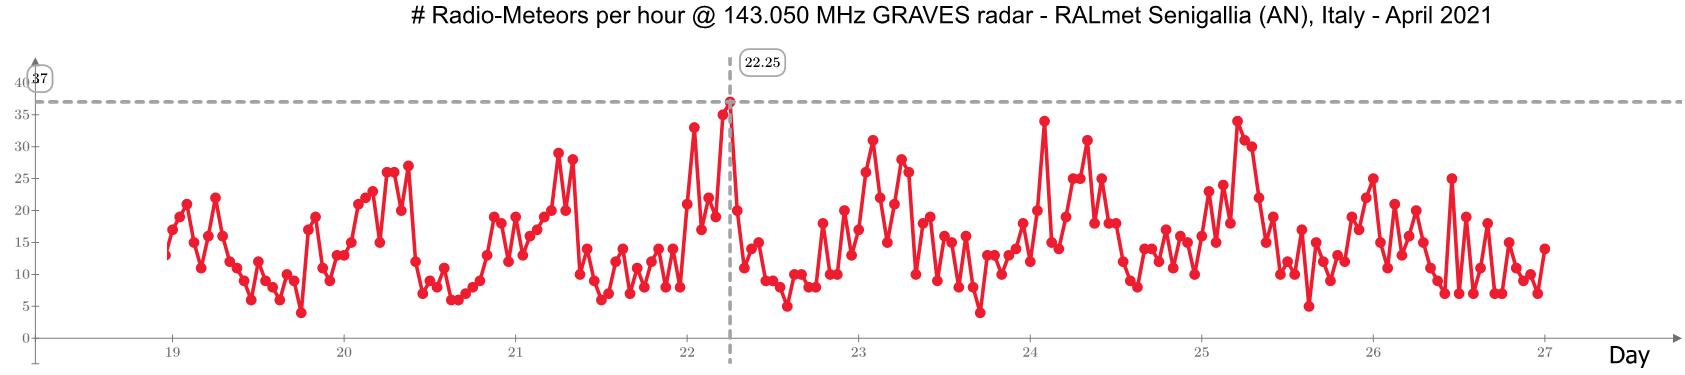 Frequenza oraria dei radio-echi meteorici registrata dalla stazione RALmet nei giorni vicini al massimo delle Liridi.